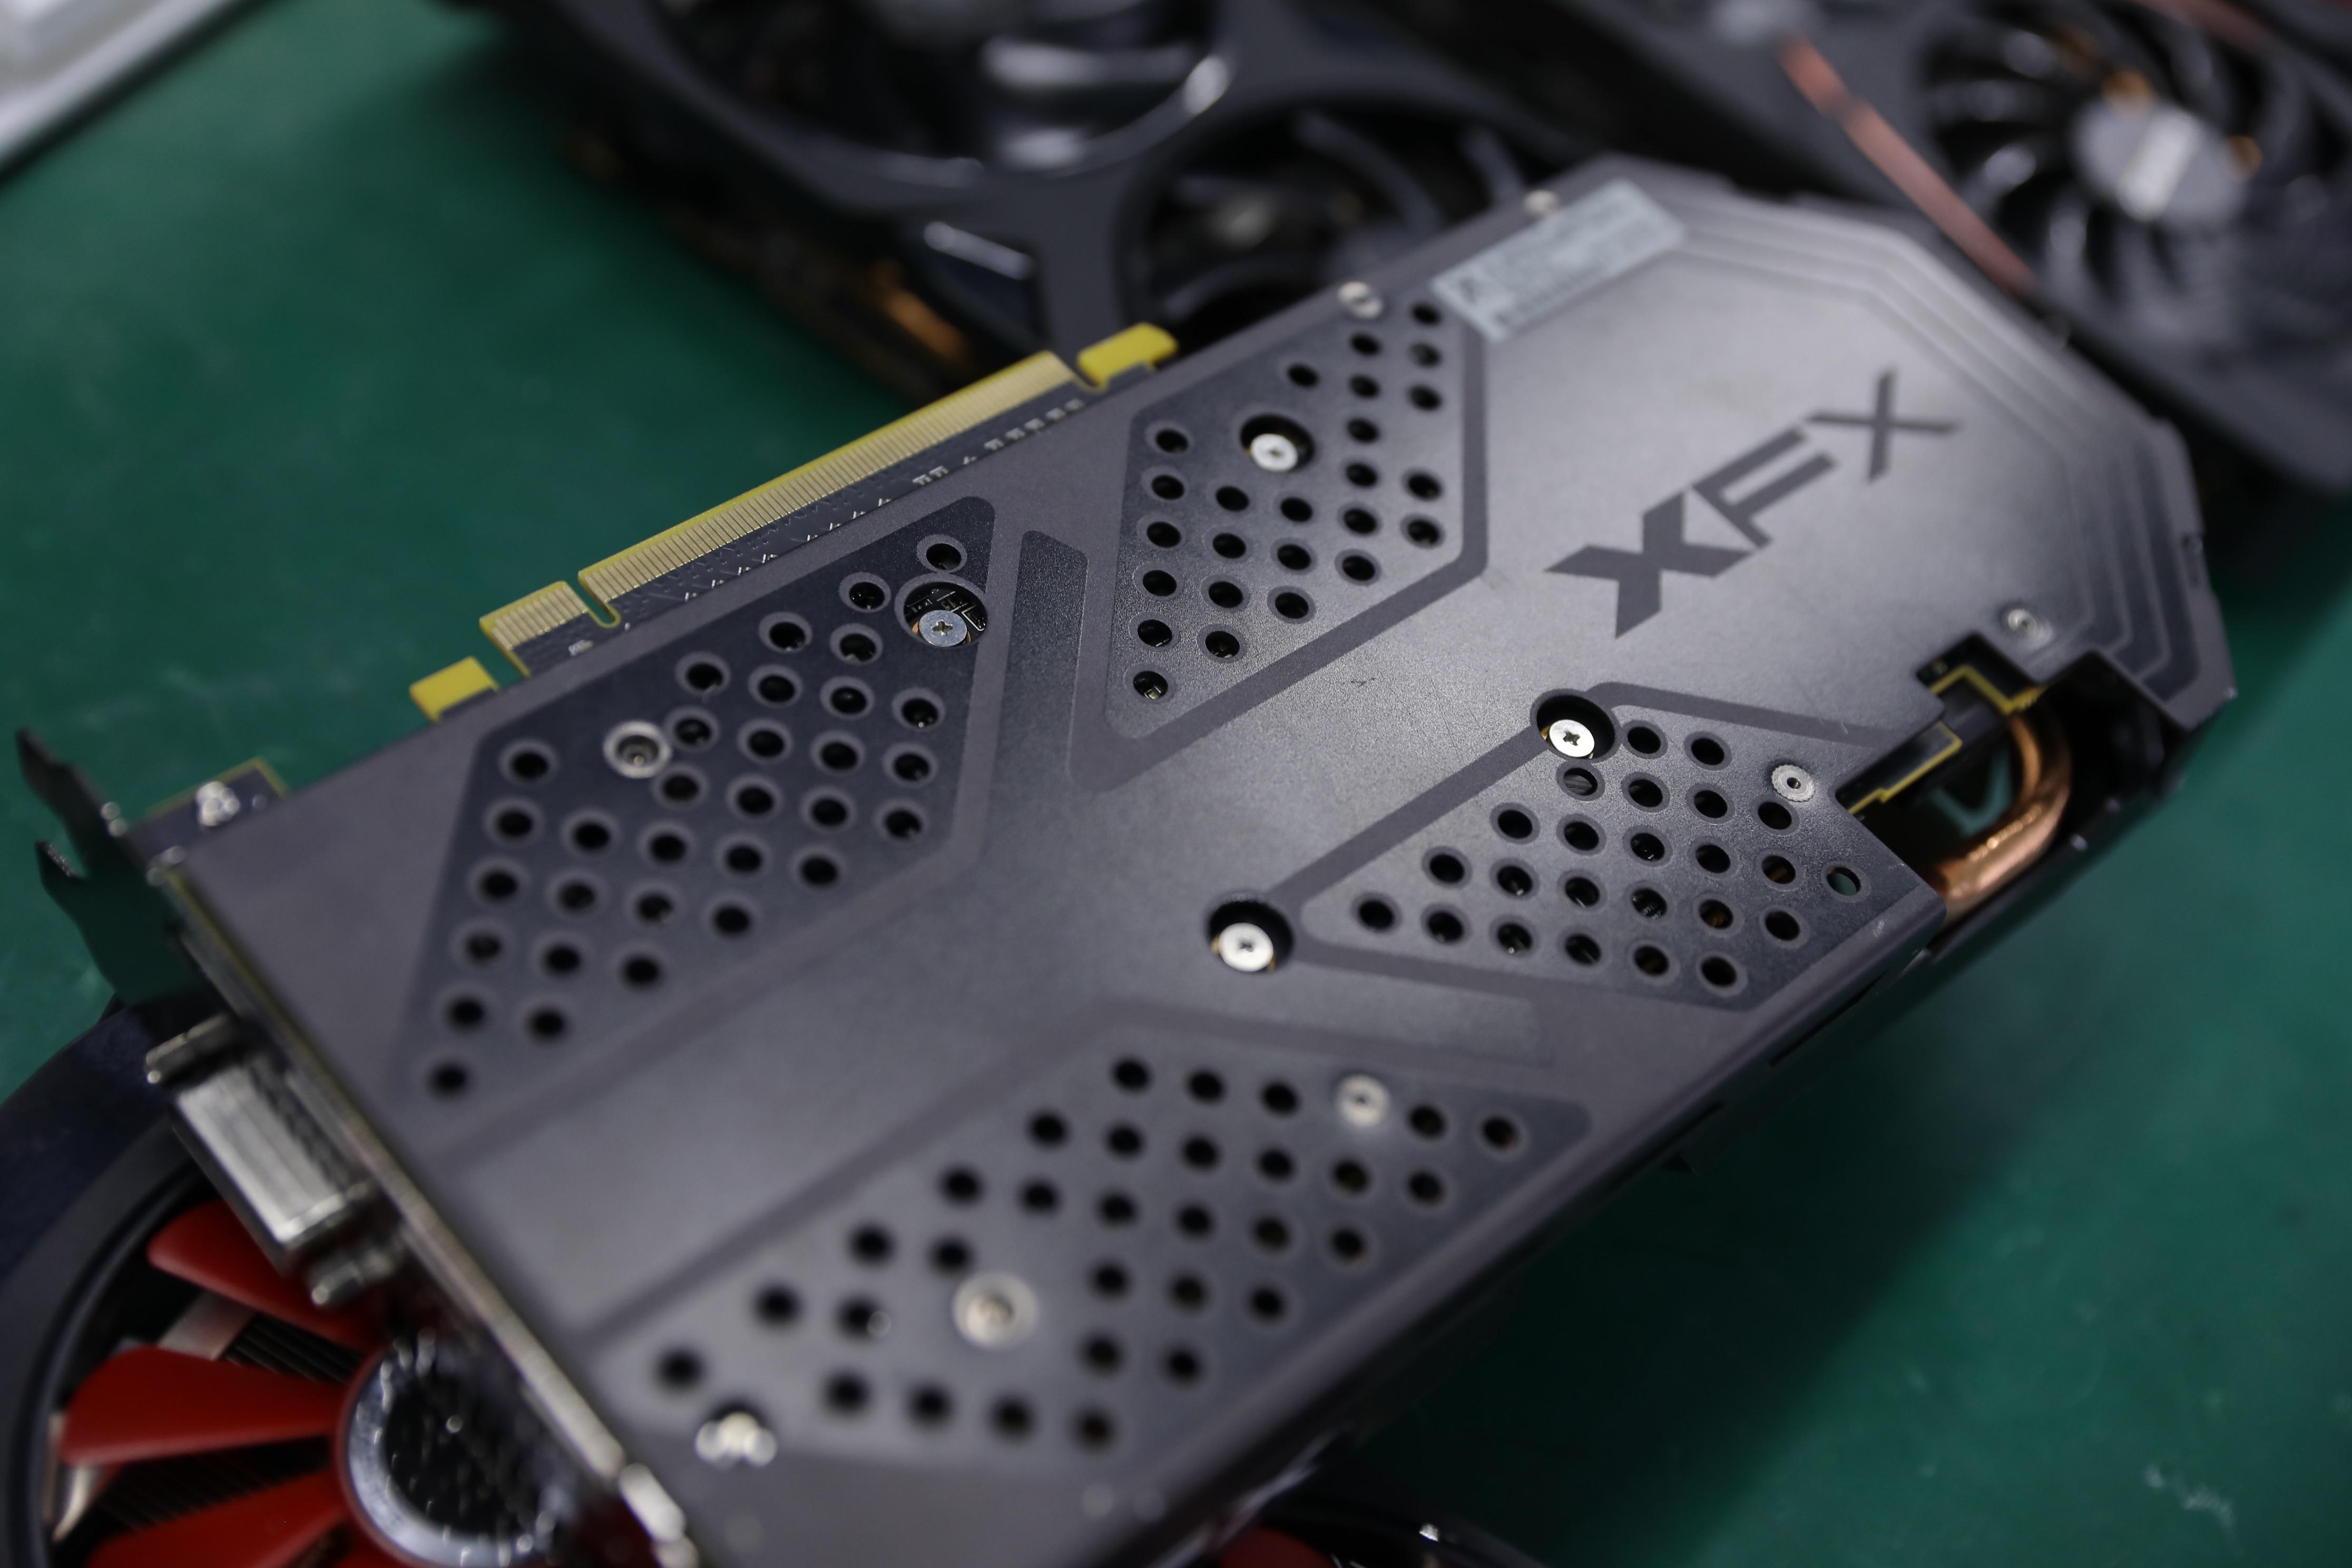 Бывшая в употреблении видеокарта XFX RX 580 8 Гб 2304 580 бит GDDR5 для настольного ПК игровая видеокарта не Майнинг 8G-3